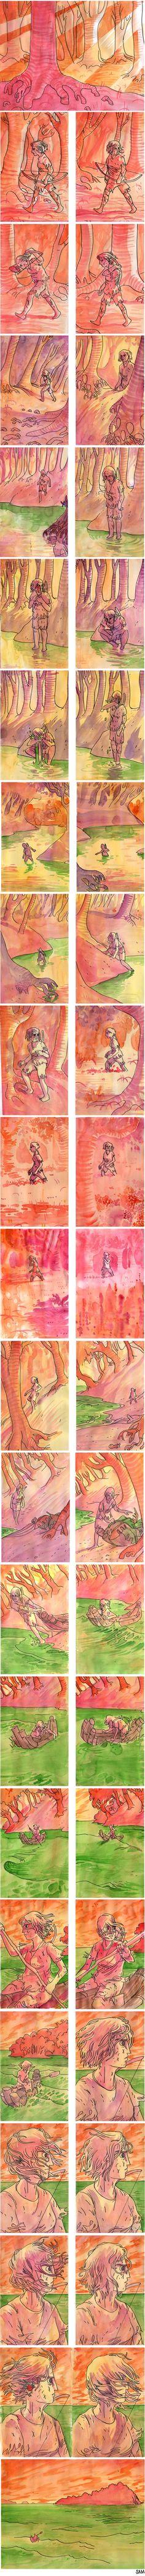 """""""Haunter"""" by Sam Alden pt. 6"""